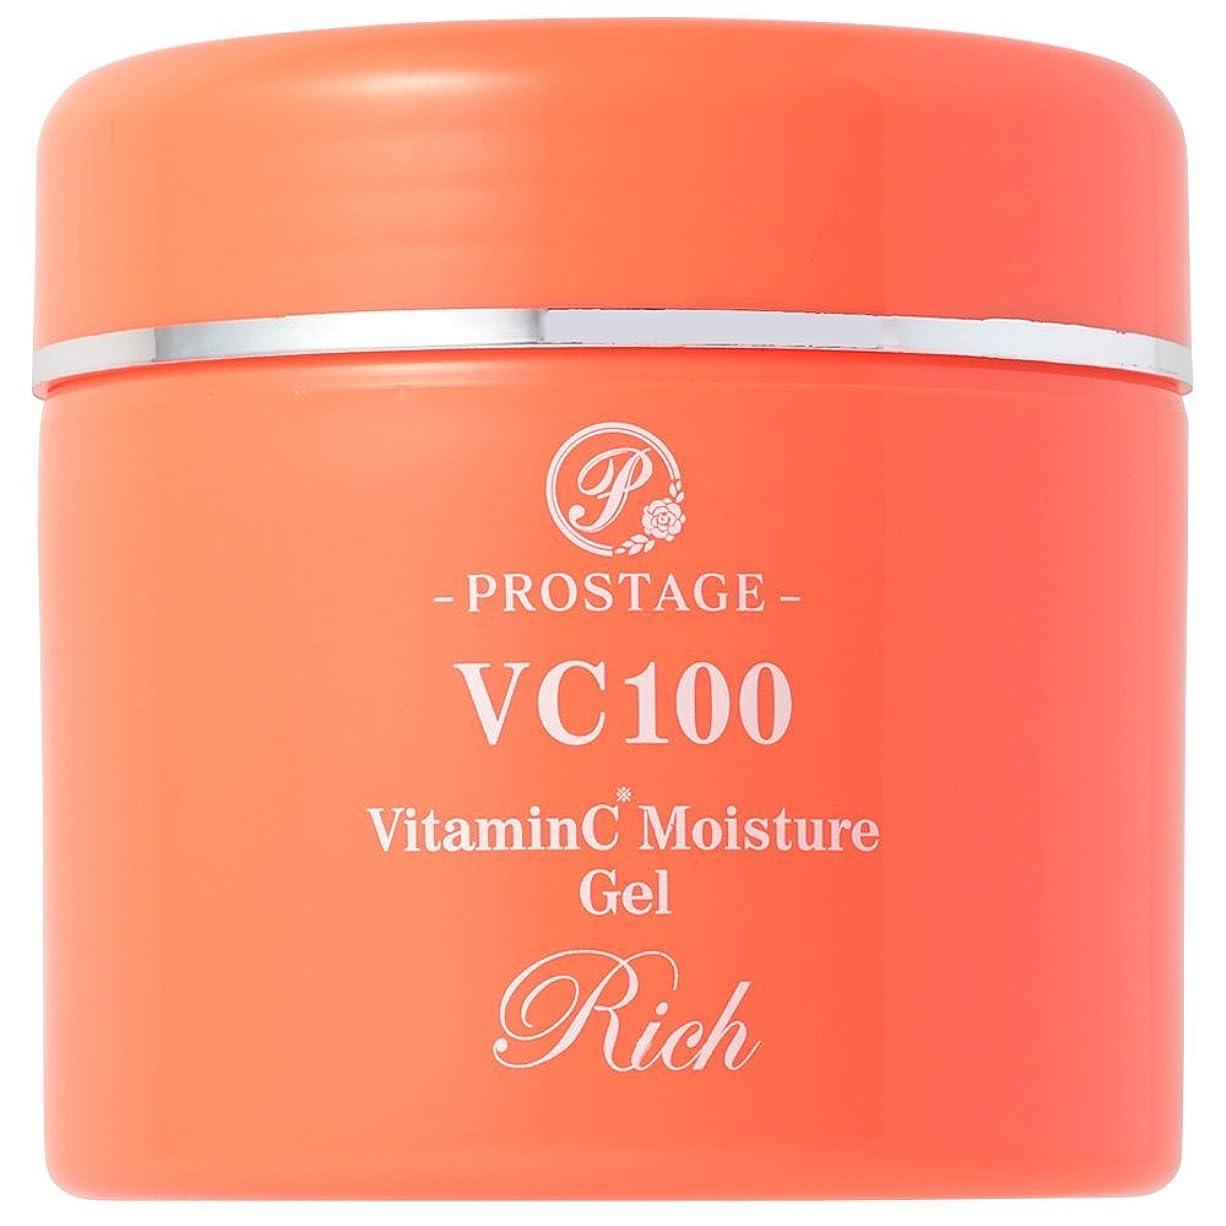 特異性同化するピカソオールオンワンゲル 大容量【超お買い得】200g プロステージ VC100 VitaminC Moisture gel Rich ビタミンC モイスチャー オールインワンゲル リッチ 100倍浸透型ビタミンC 誘導体配合濃密ゲル APPS配合